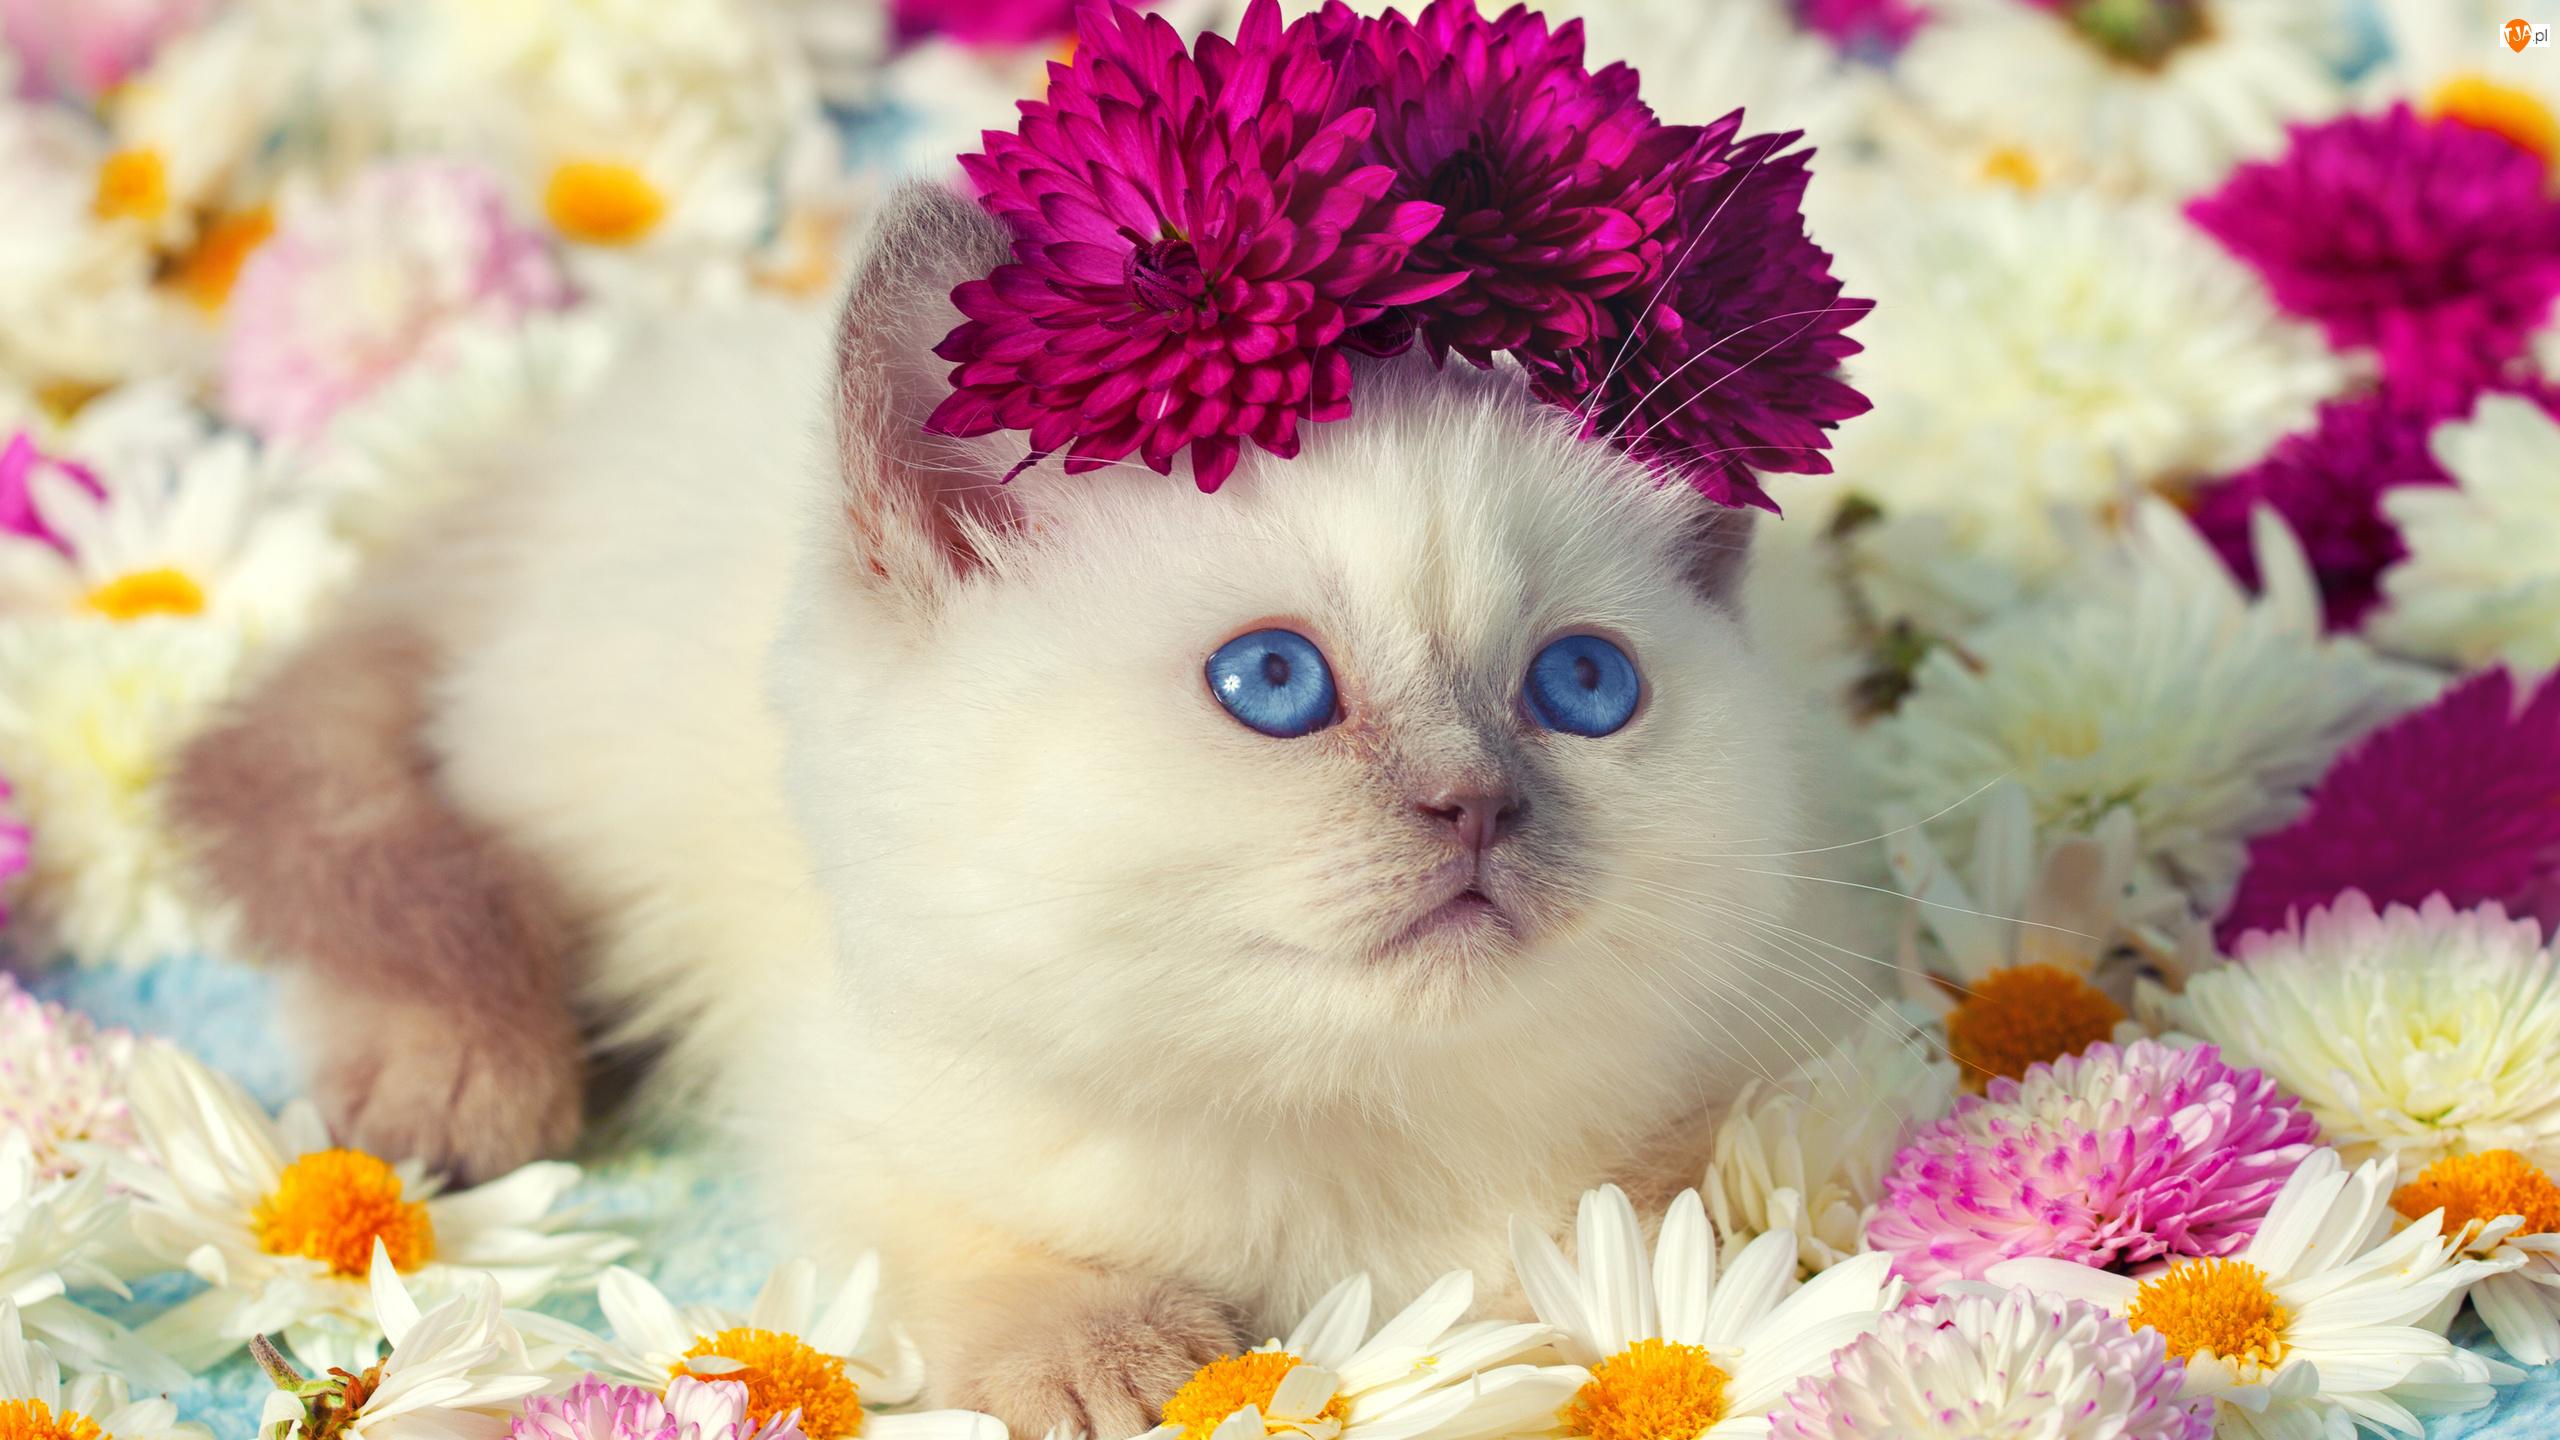 Цветочки, виде открытка с хорошим настроением